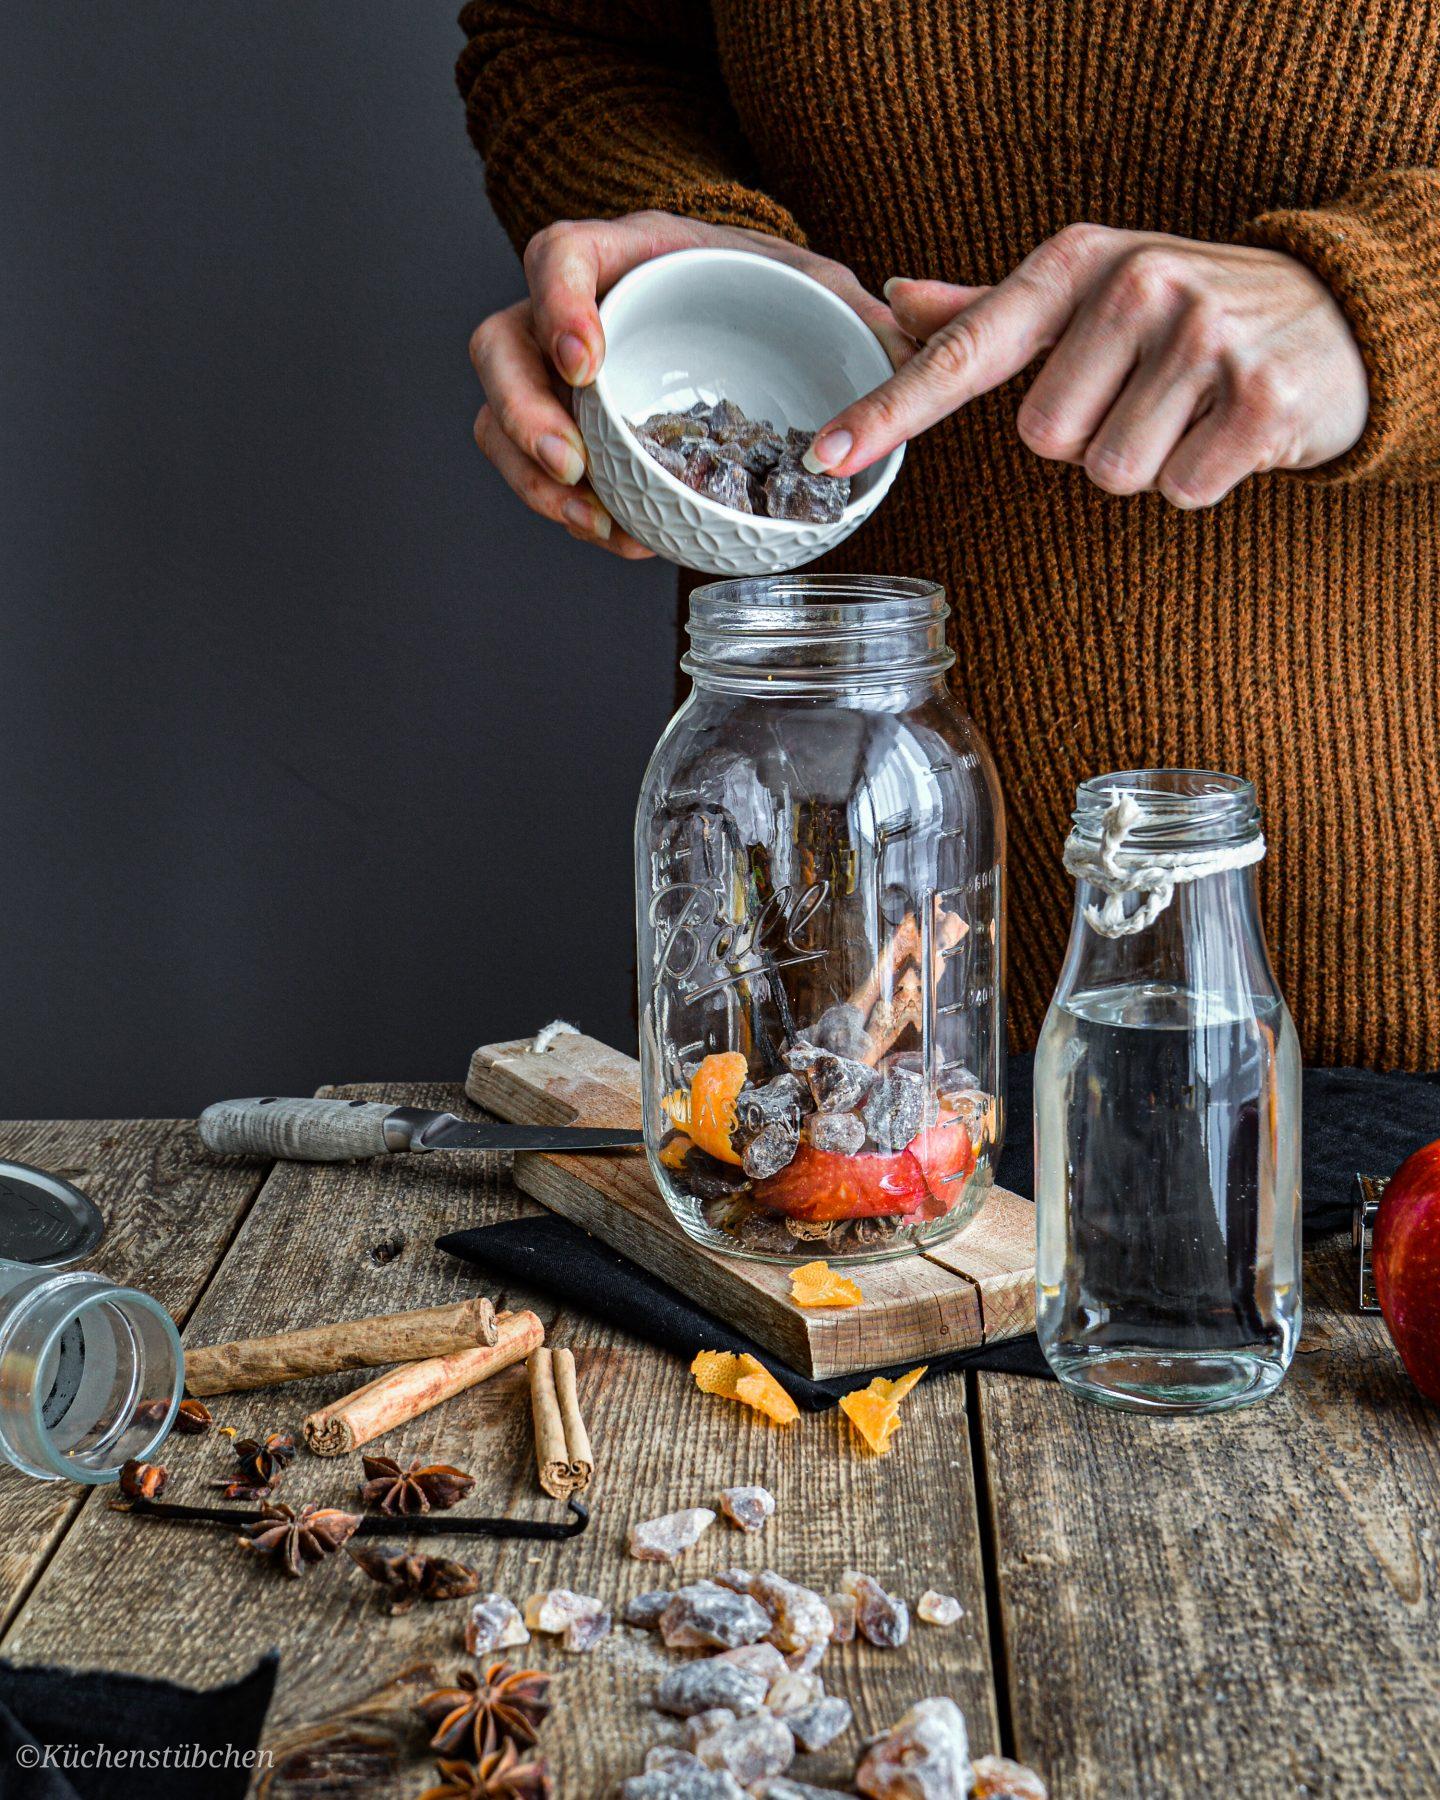 Weihnachtslikör - Krustenkandis in das Glas geben